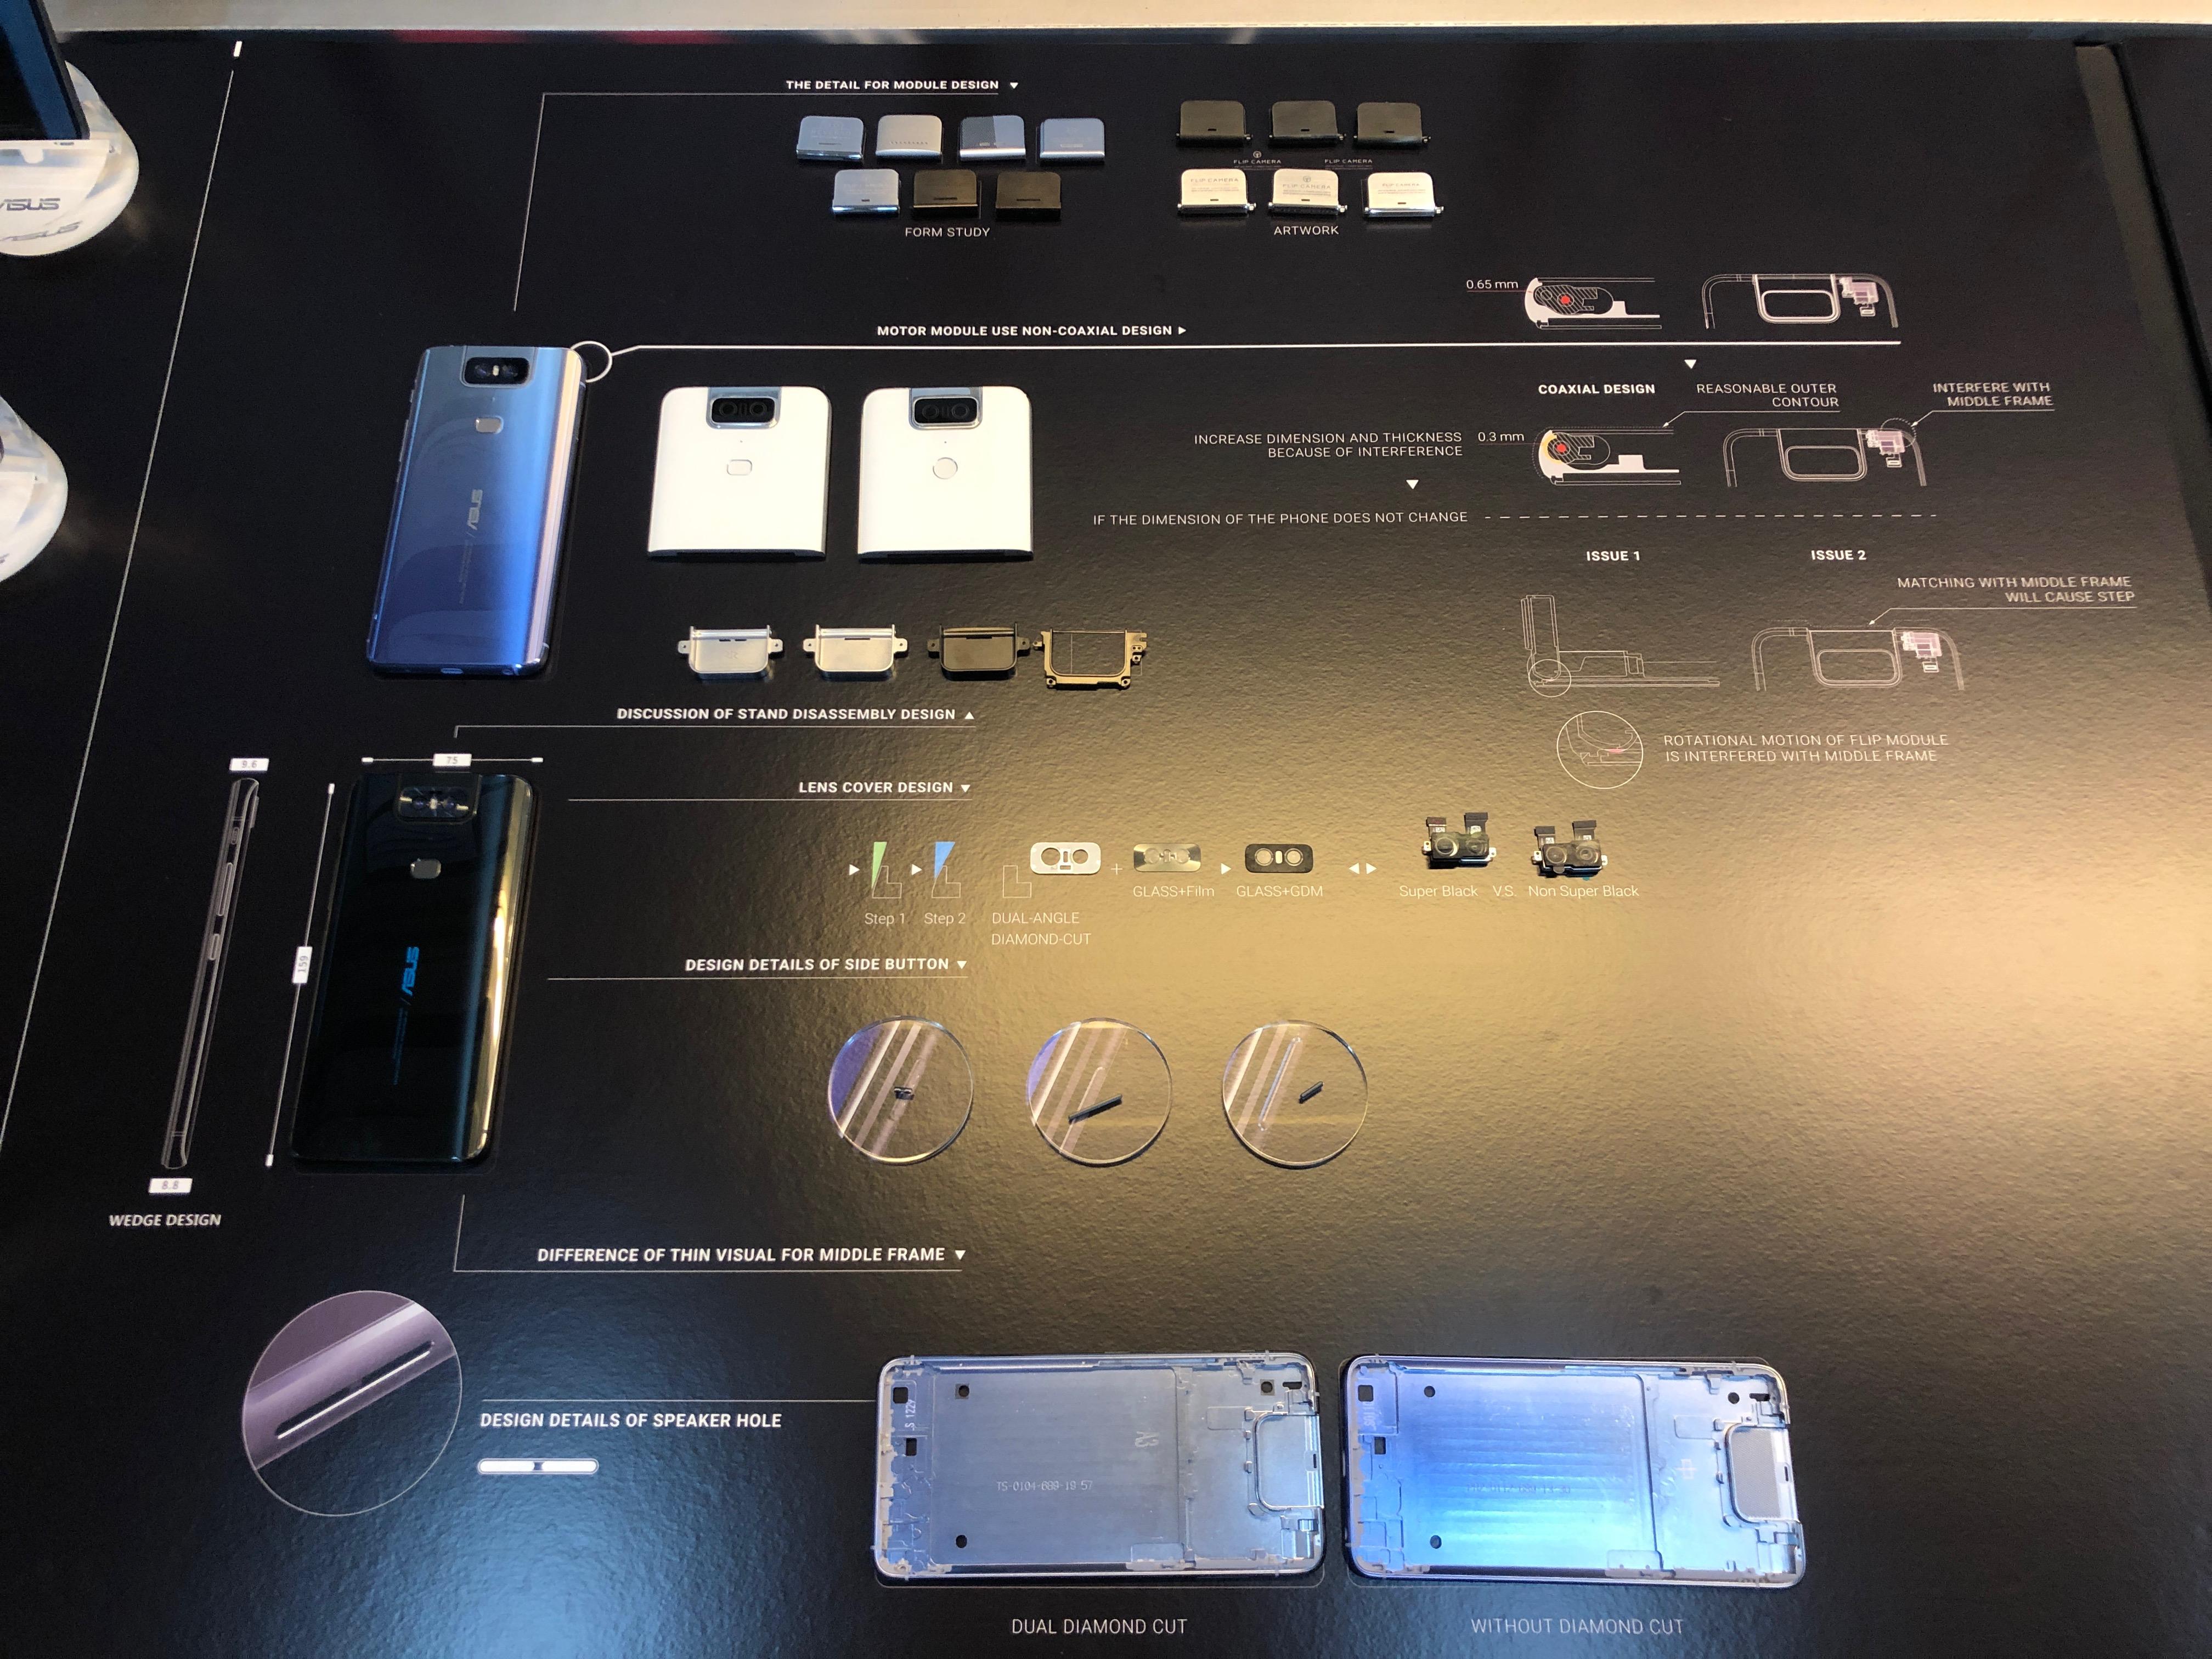 ASUS Zenfone 6 翻轉視界